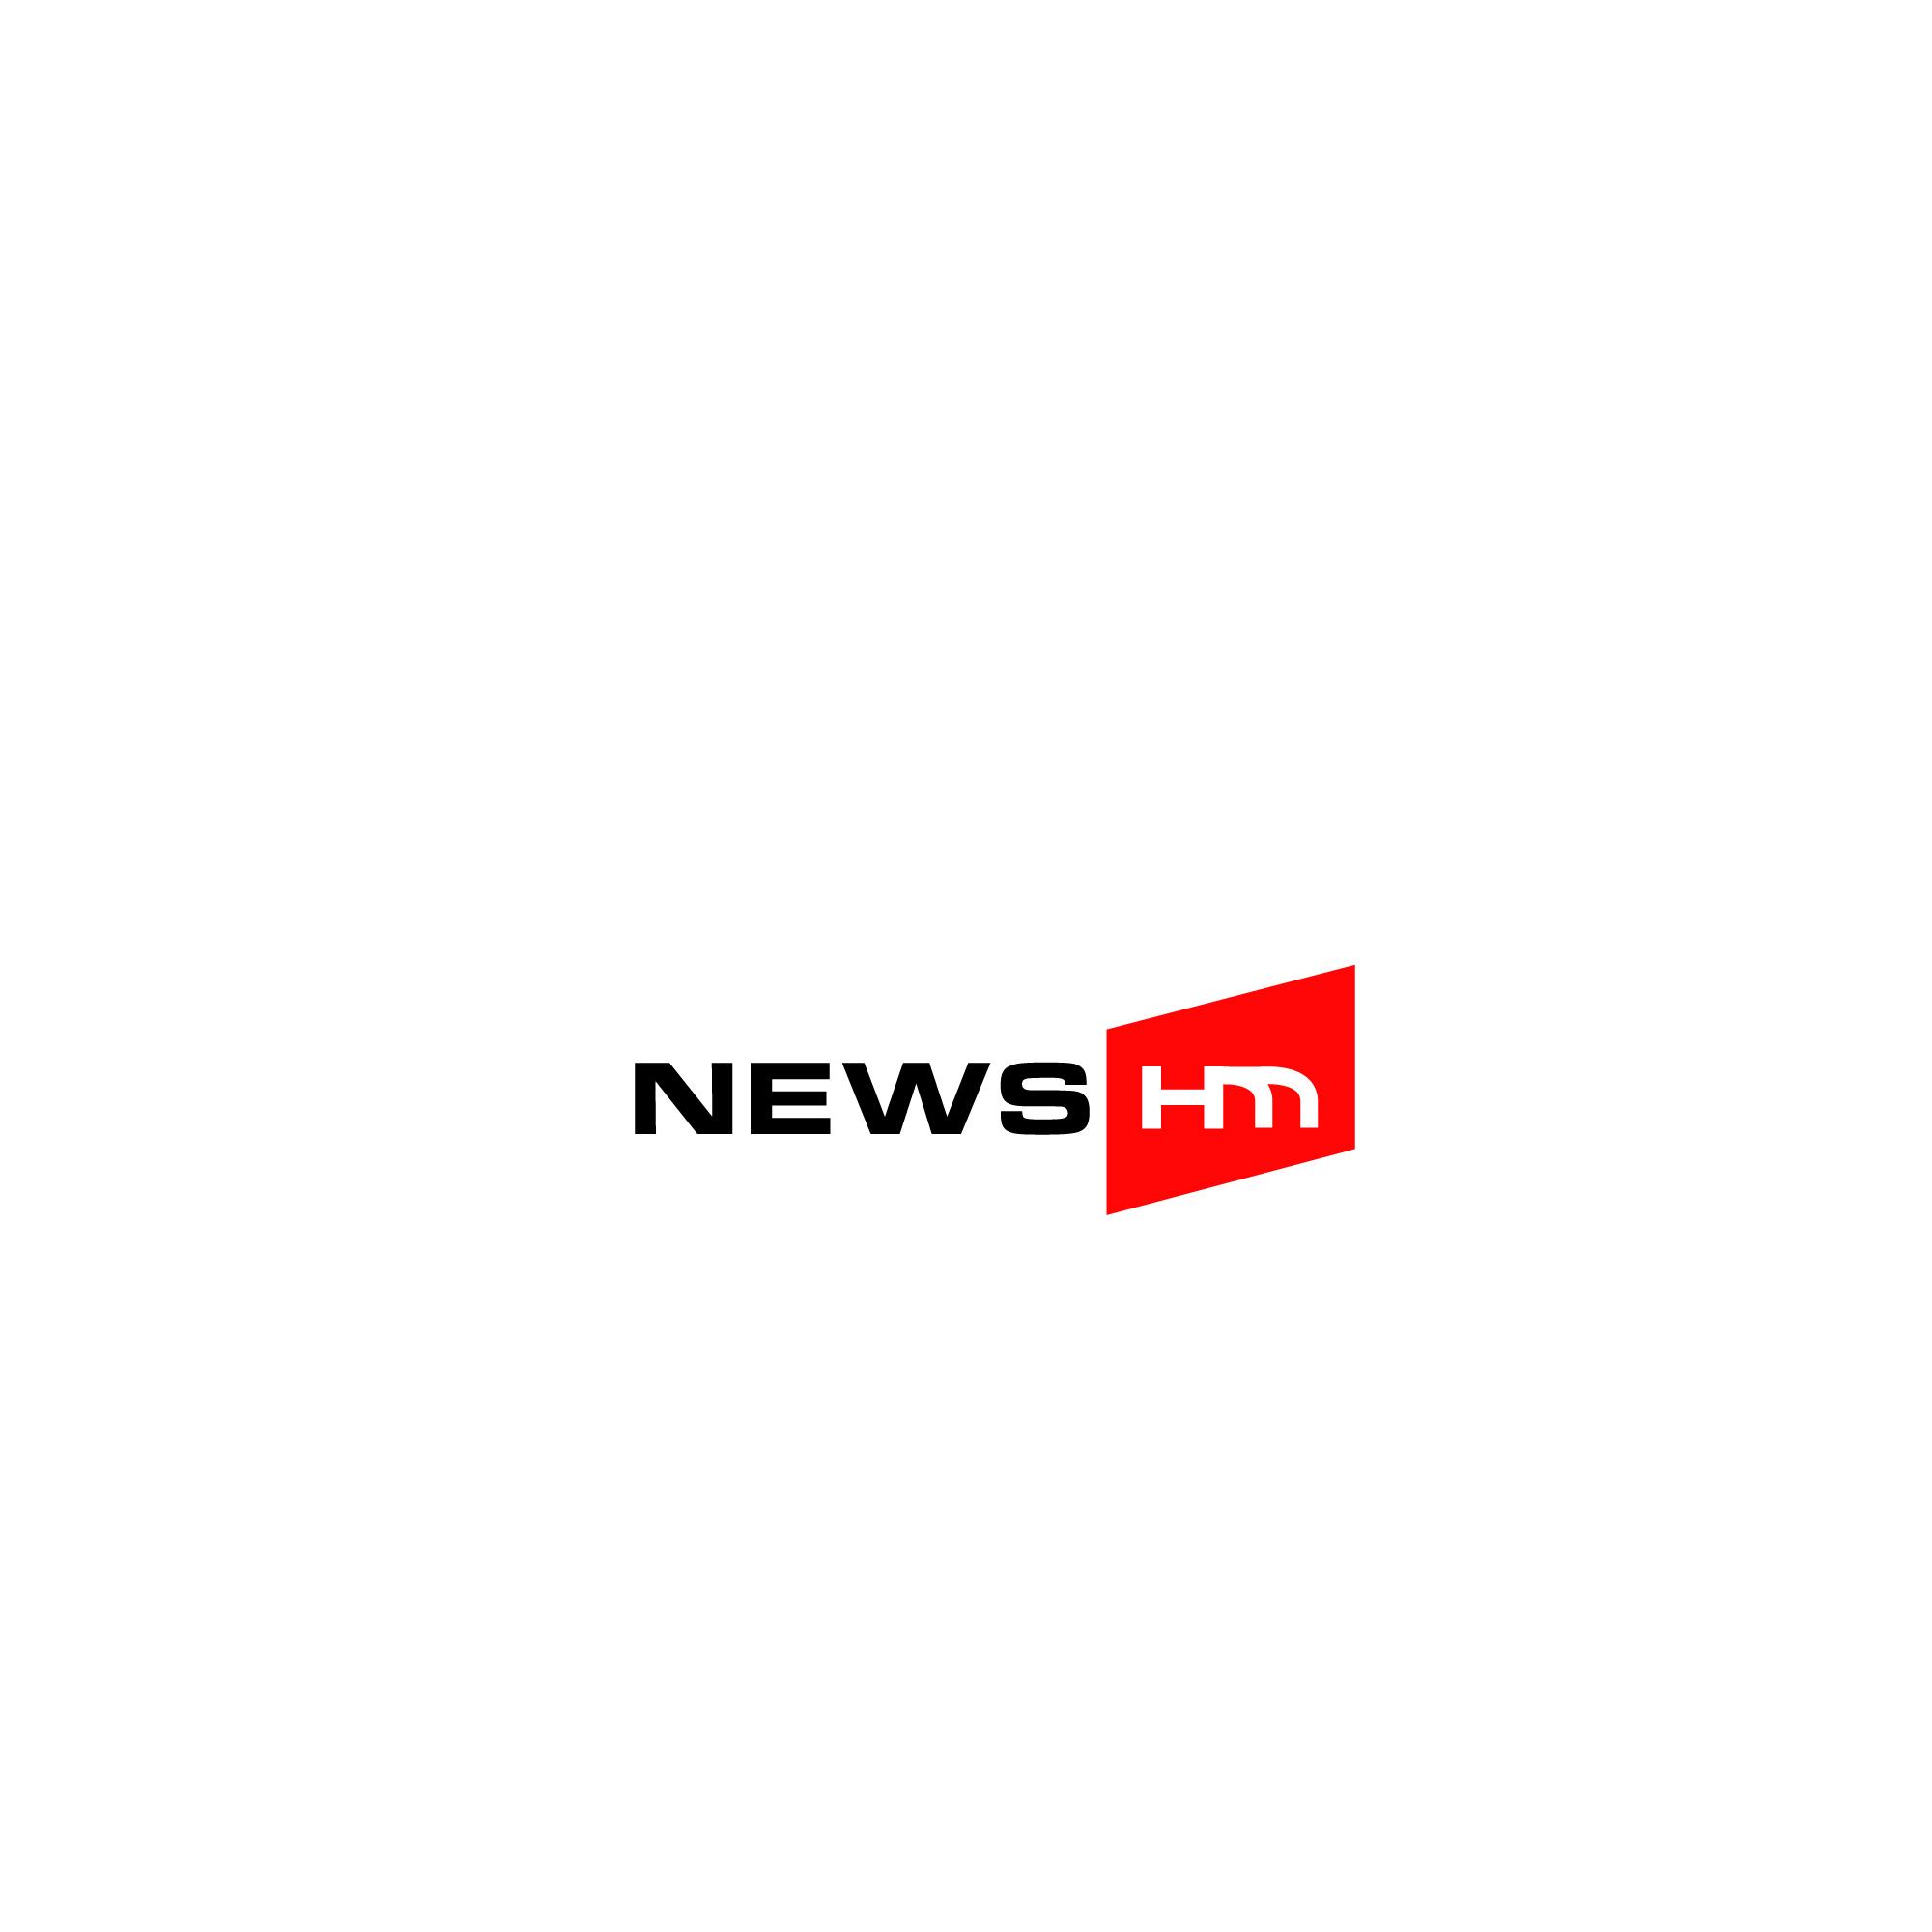 Логотип для информационного агентства фото f_9975aa2aeabc5220.jpg